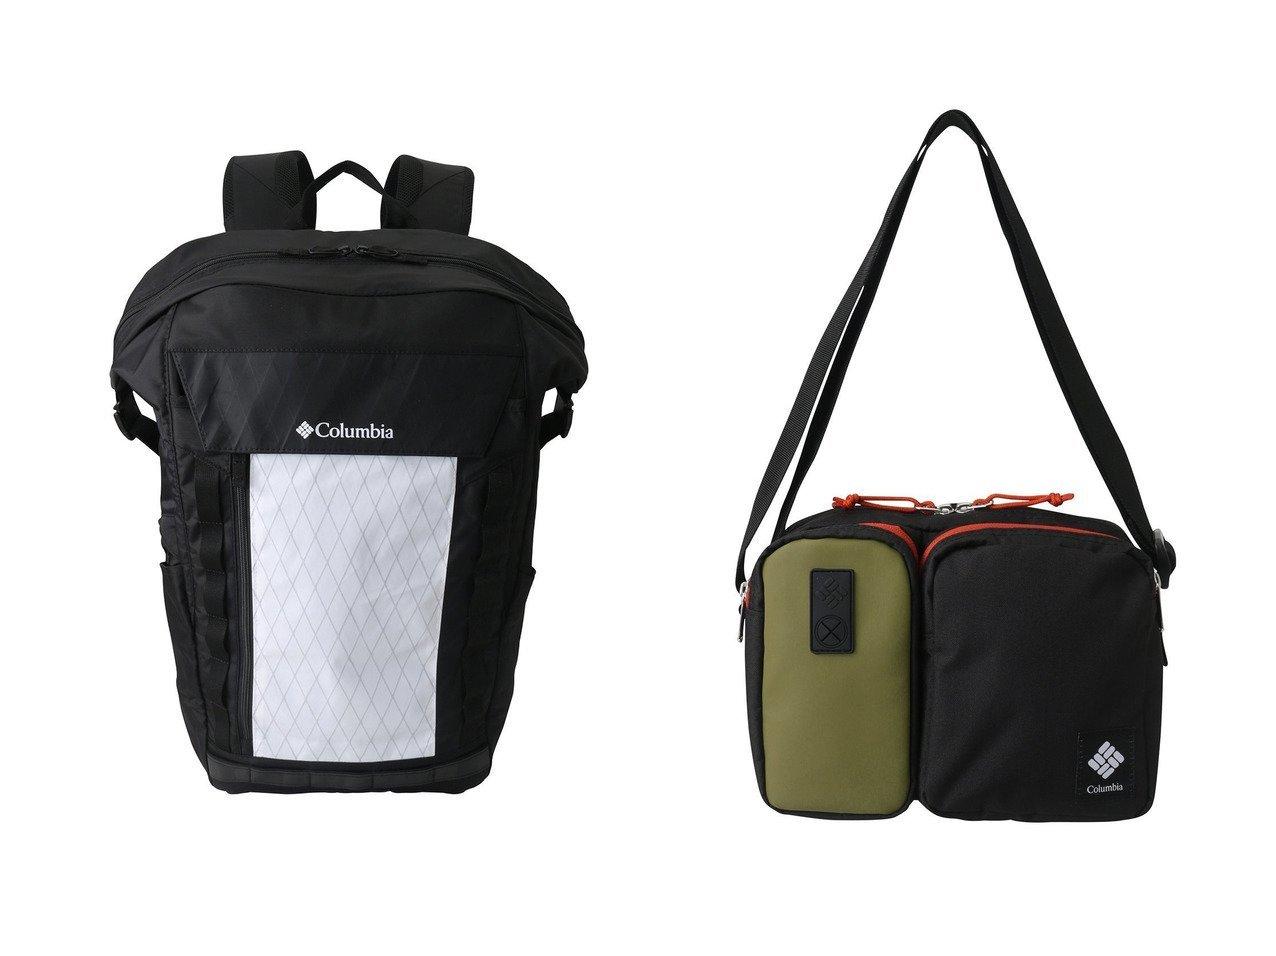 【Columbia/コロンビア】の【UNISEX】スマッシングブラフ30Lバックパック&【UNISEX】ナイオベショルダー 【バッグ・鞄】おすすめ!人気、トレンド・レディースファッションの通販 おすすめで人気の流行・トレンド、ファッションの通販商品 インテリア・家具・メンズファッション・キッズファッション・レディースファッション・服の通販 founy(ファニー) https://founy.com/ ファッション Fashion レディースファッション WOMEN バッグ Bag スポーツウェア Sportswear スポーツ バッグ/ポーチ Bag UNISEX アウトドア シンプル スポーツ スリーブ ポケット 軽量 ポーチ |ID:crp329100000069202